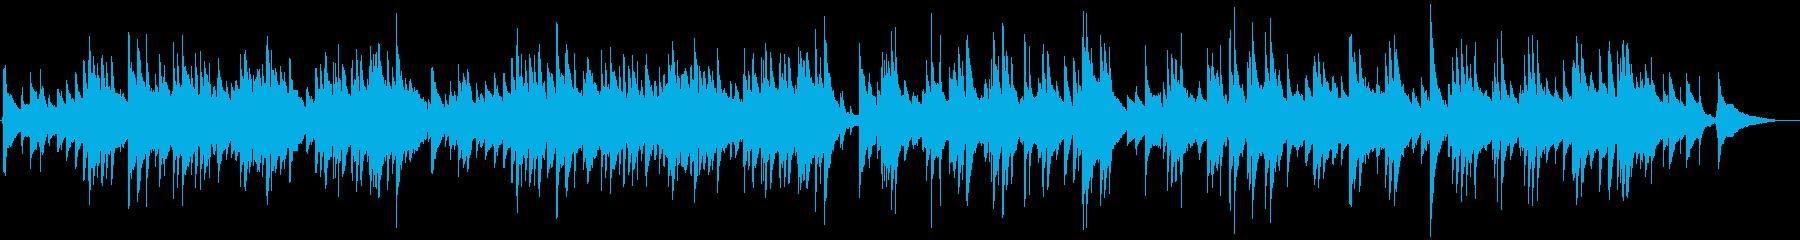 伝統的 ジャズ ビバップ 現代的 ...の再生済みの波形